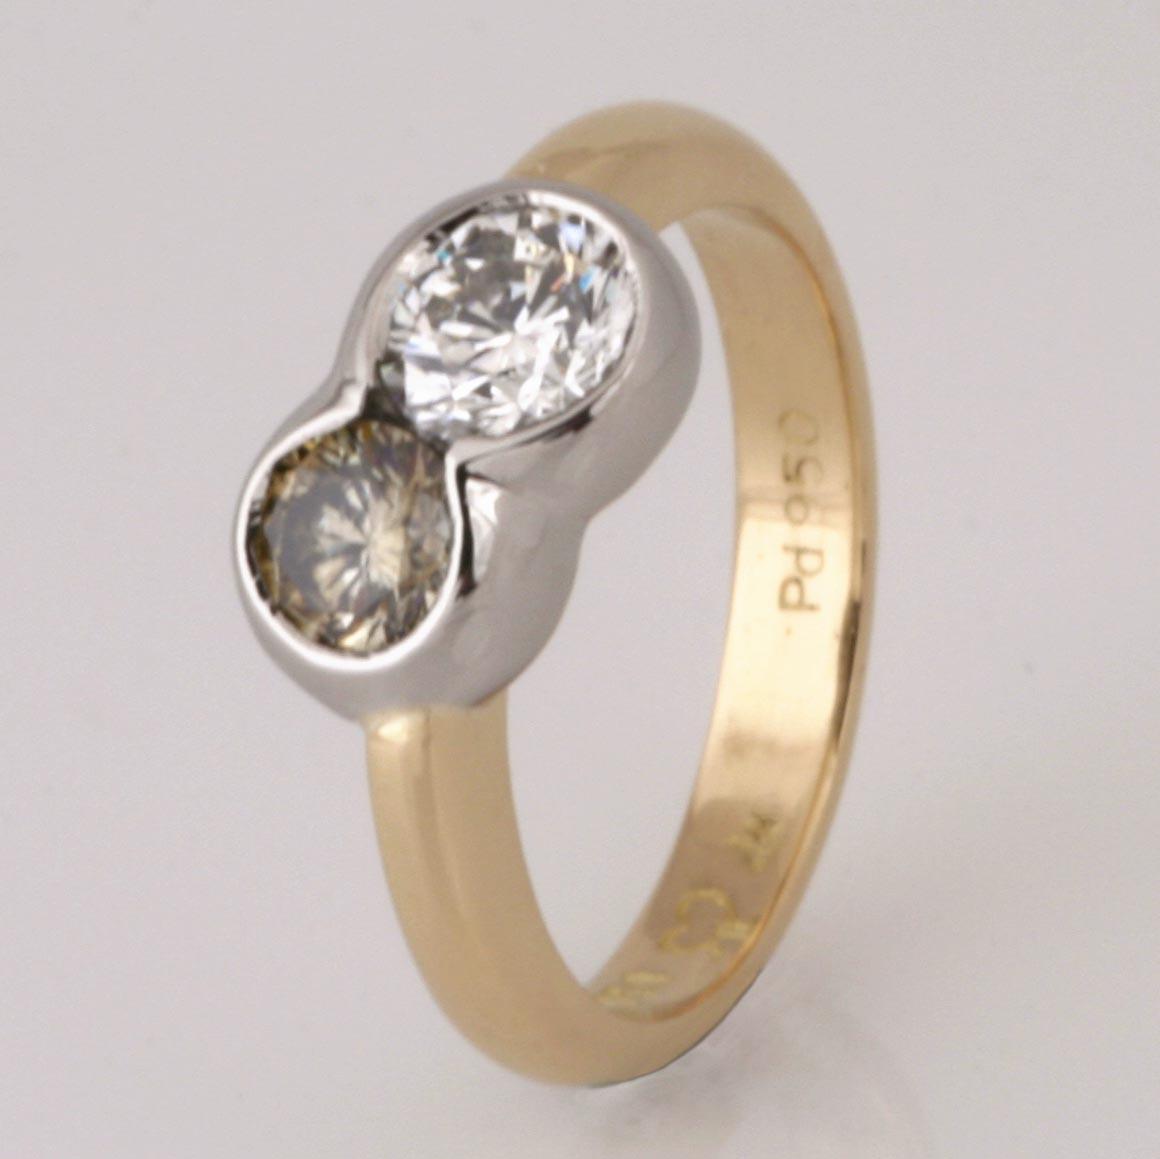 Handmade ladies 18ct yellow gold and palladium olive green and white diamond engagement ring